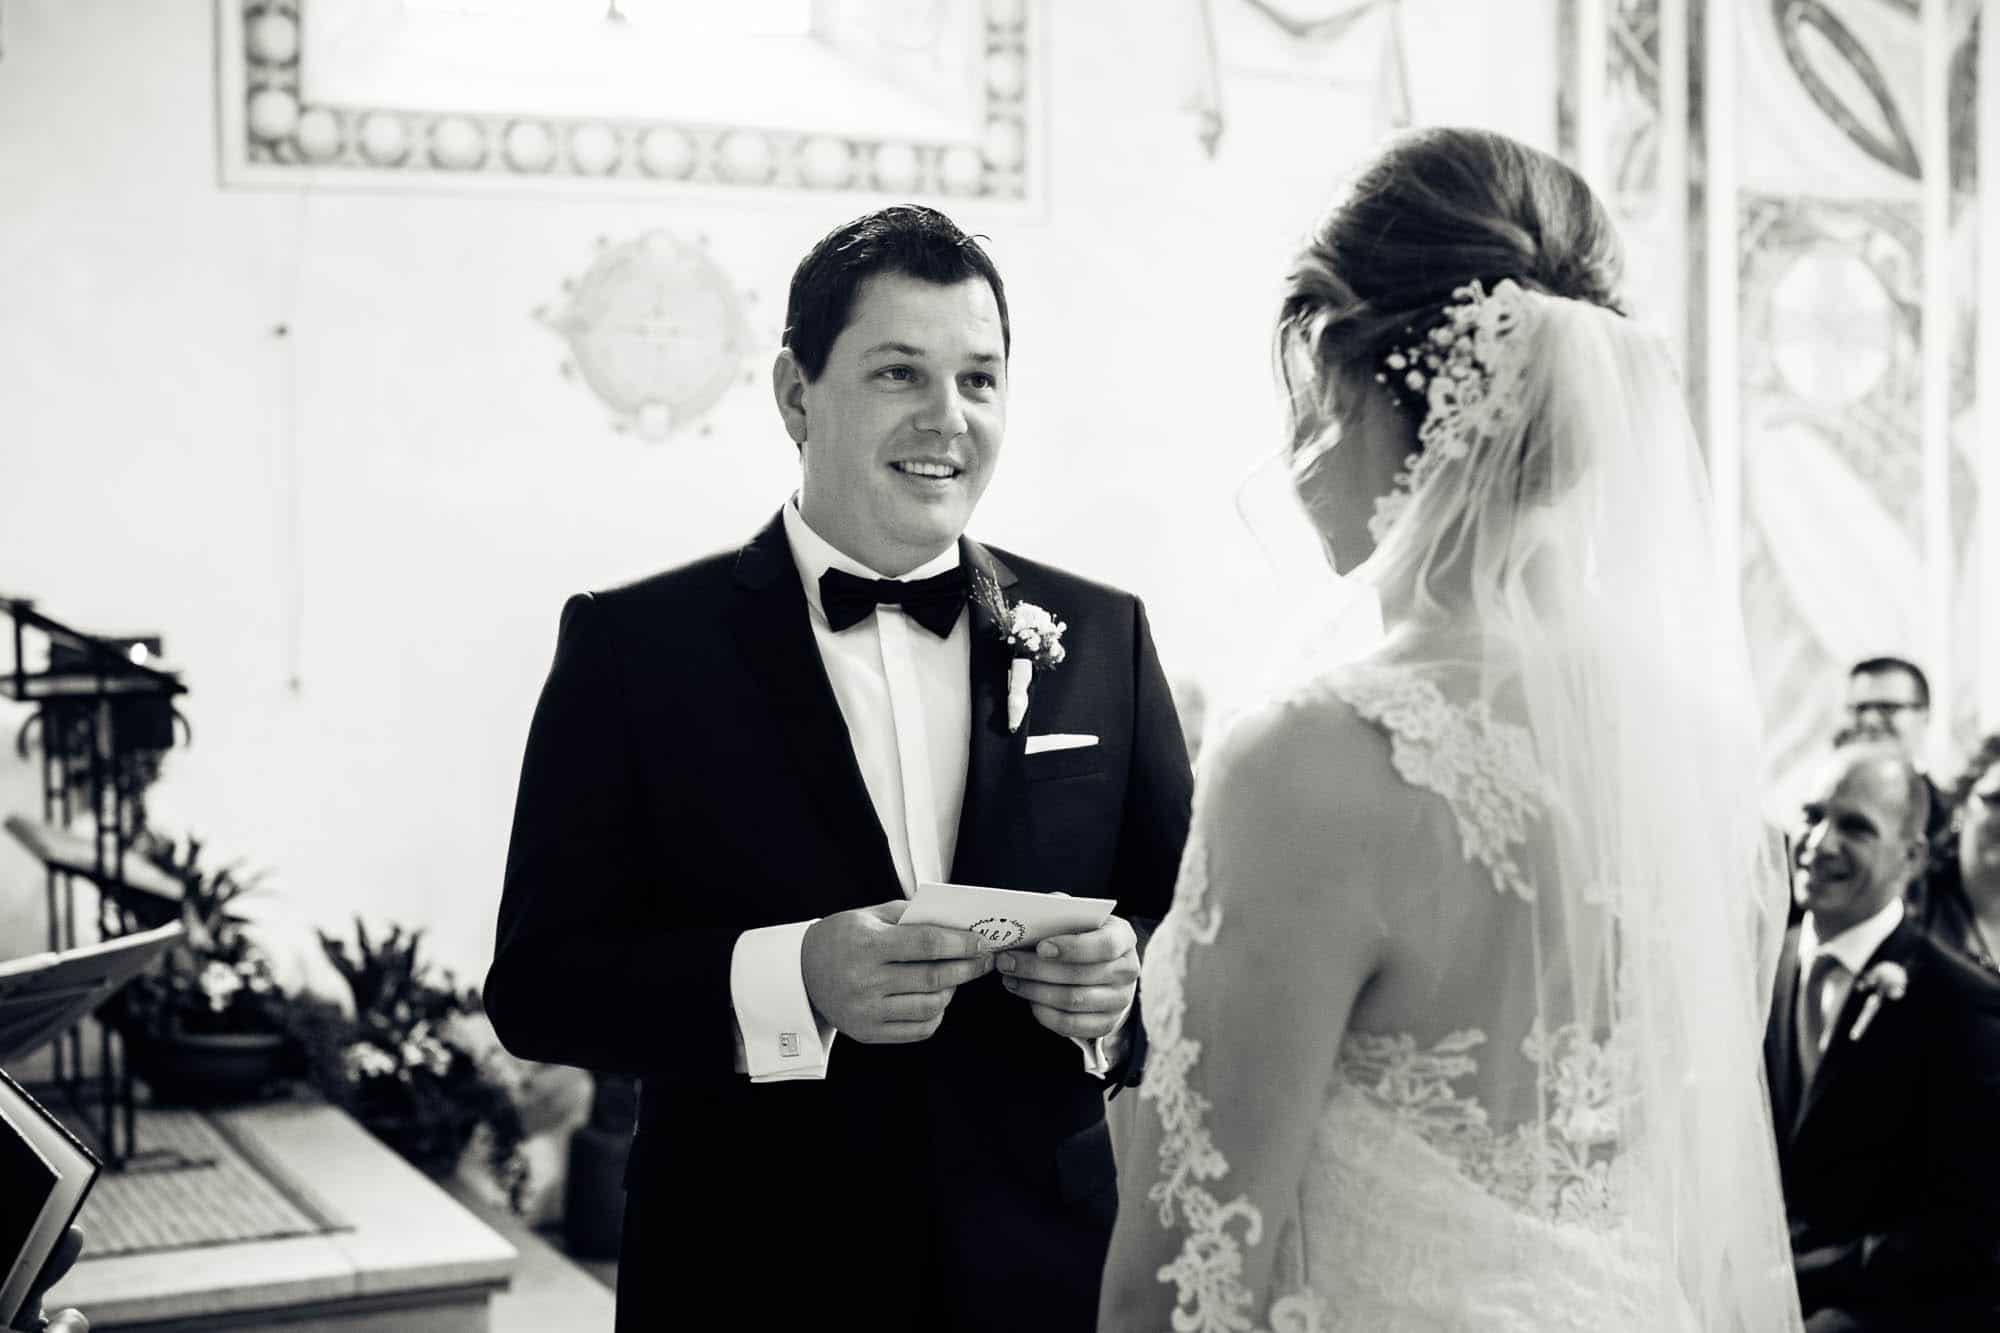 Bräutigam spricht persönliches Eheversprechen